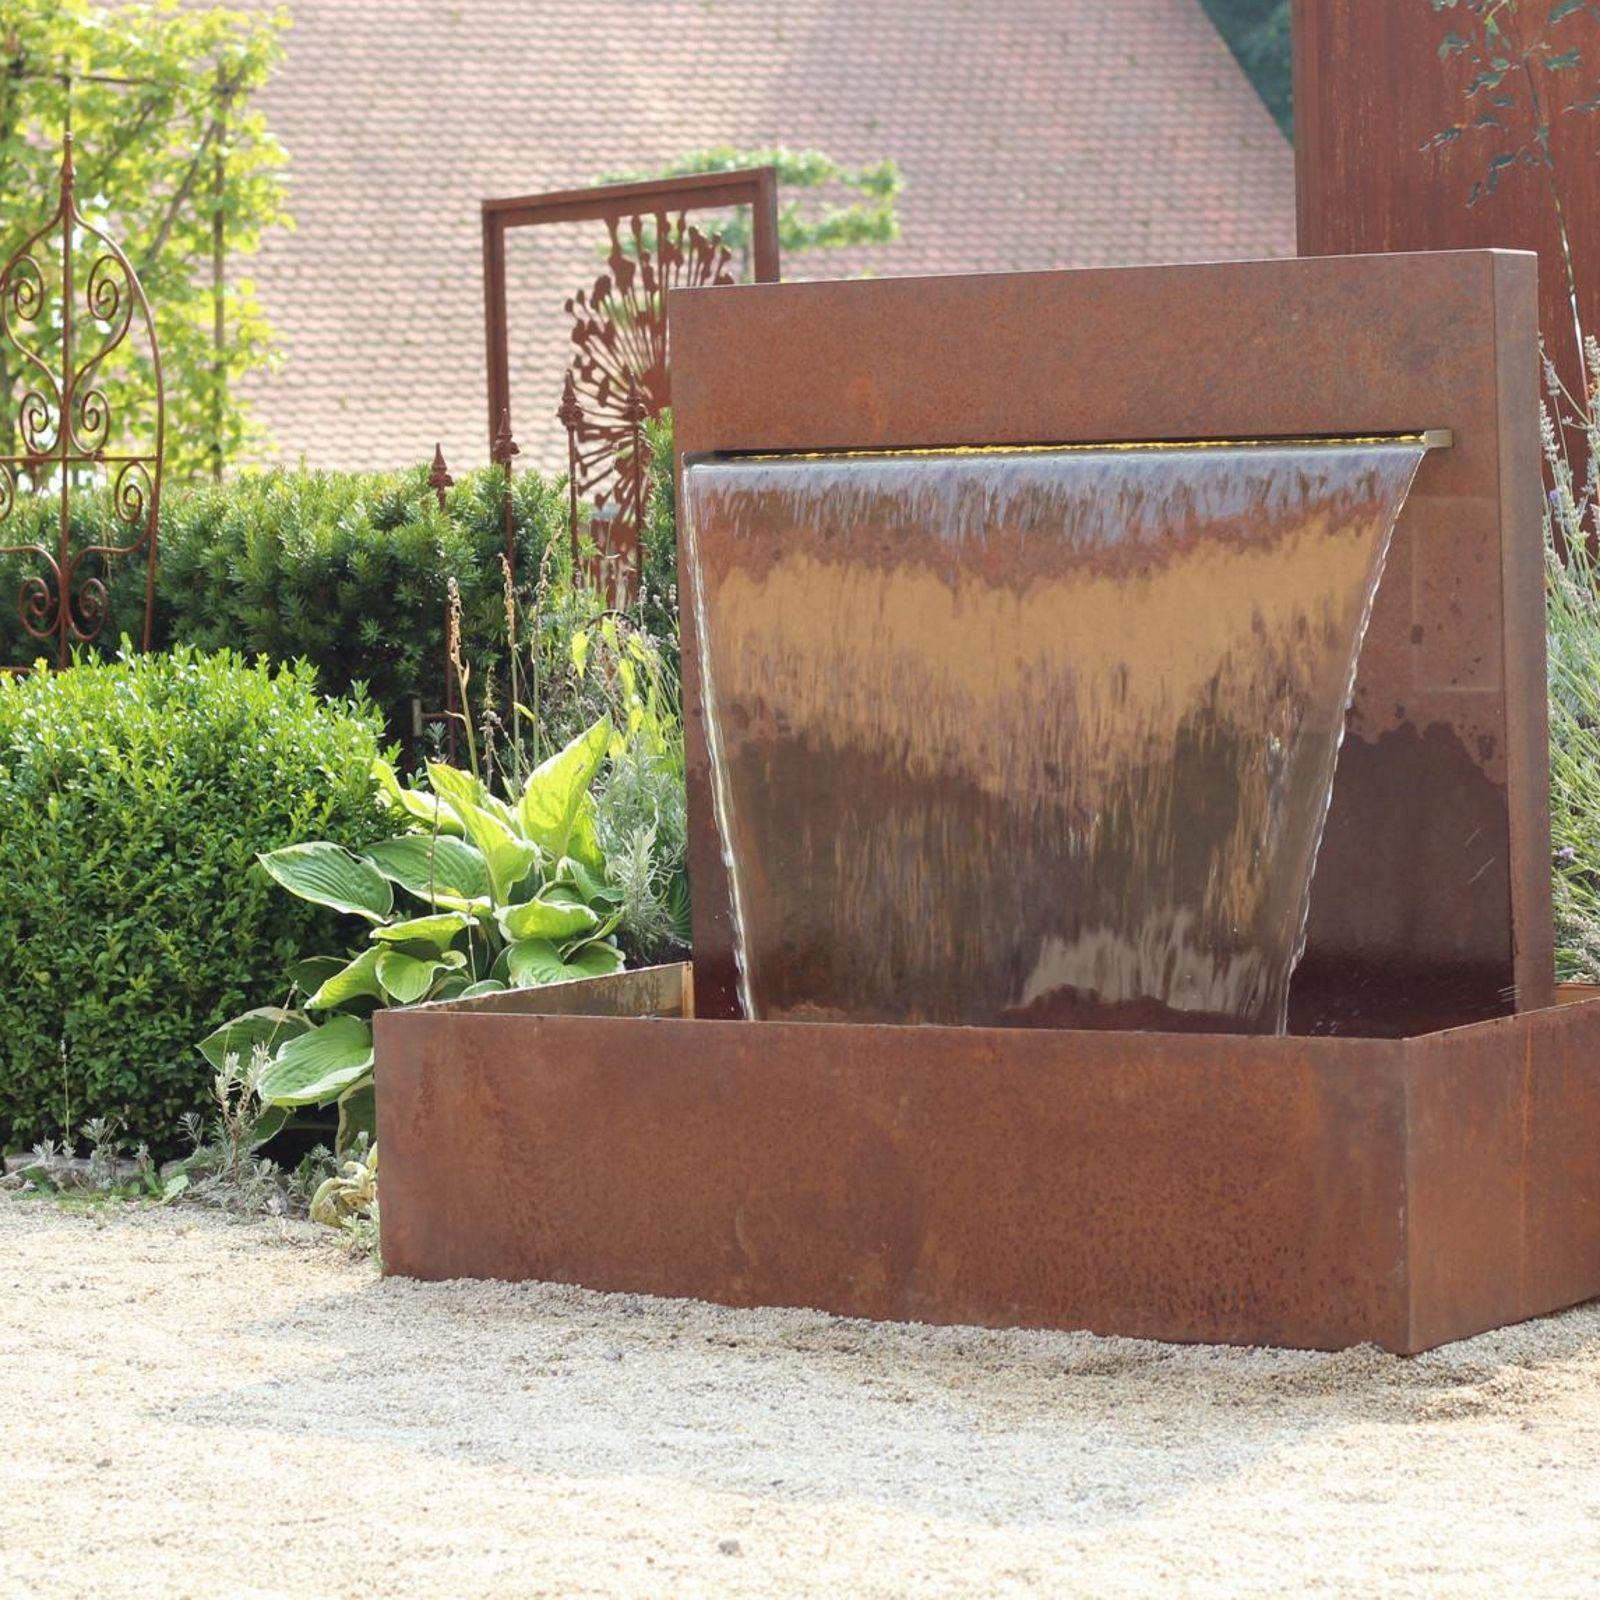 Stahlbrunnen Cortenstahl Wasser Im Garten Gartenbrunnen